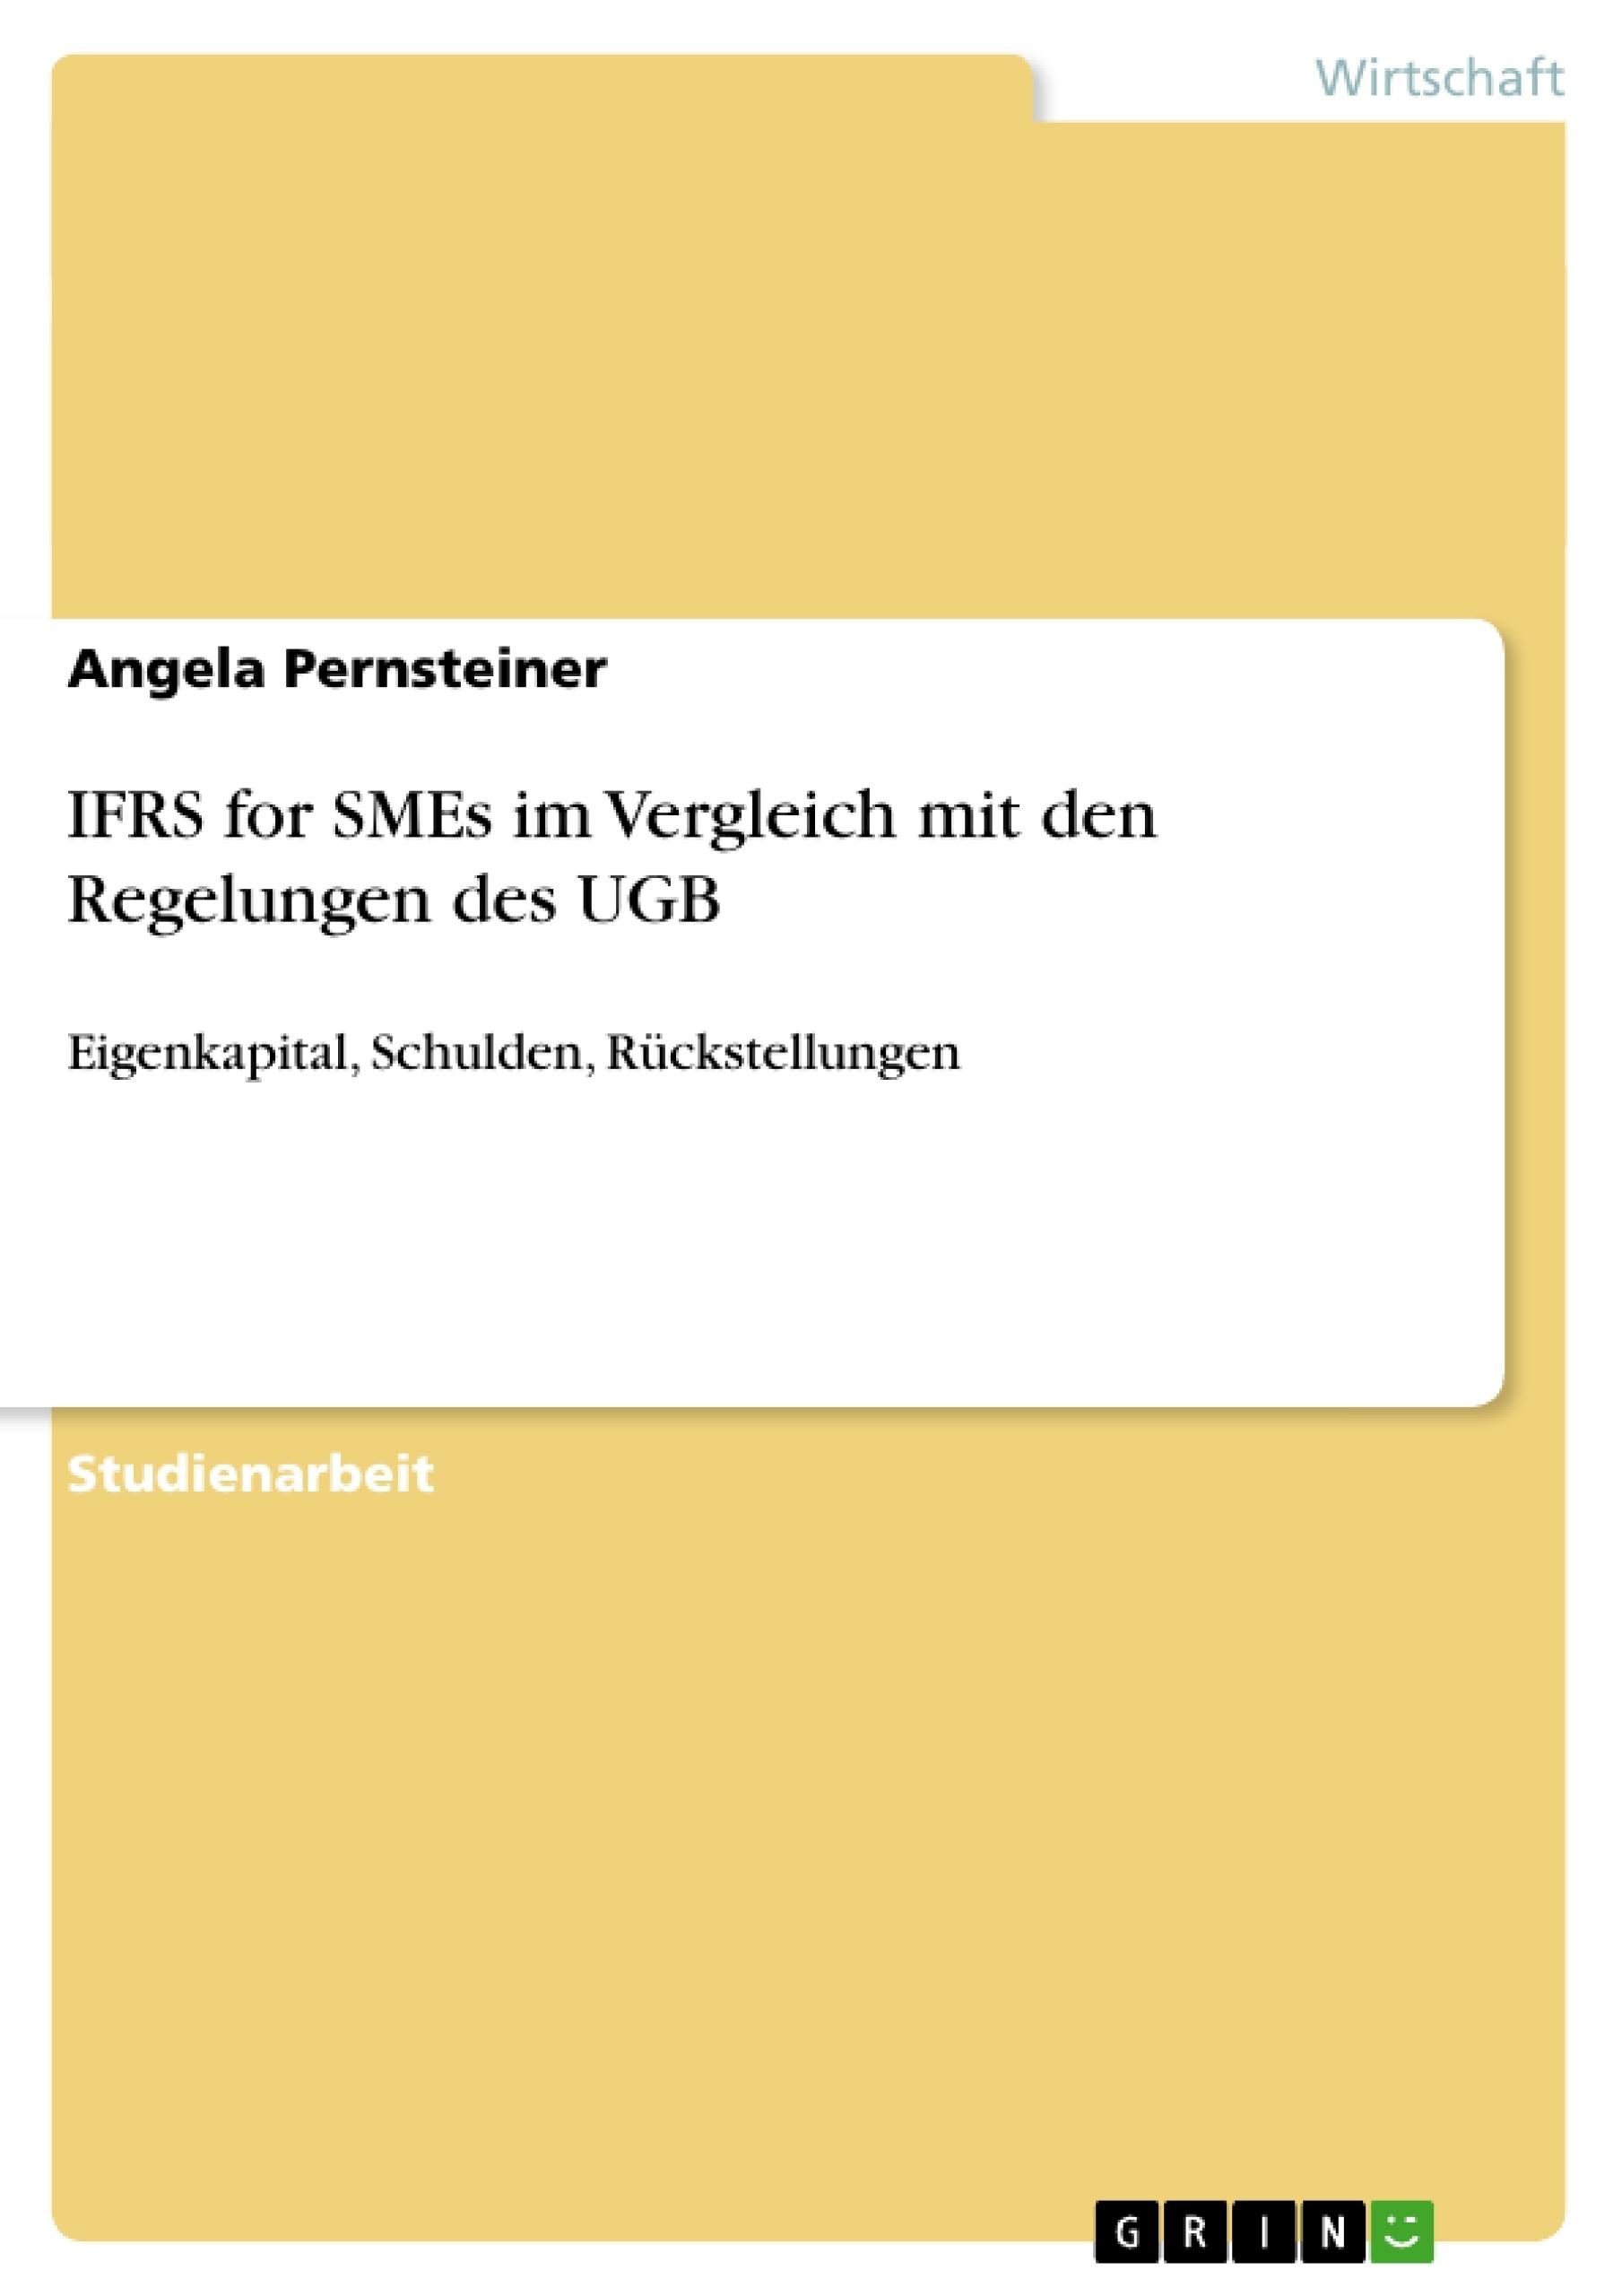 Titel: IFRS for SMEs im Vergleich mit den Regelungen des UGB